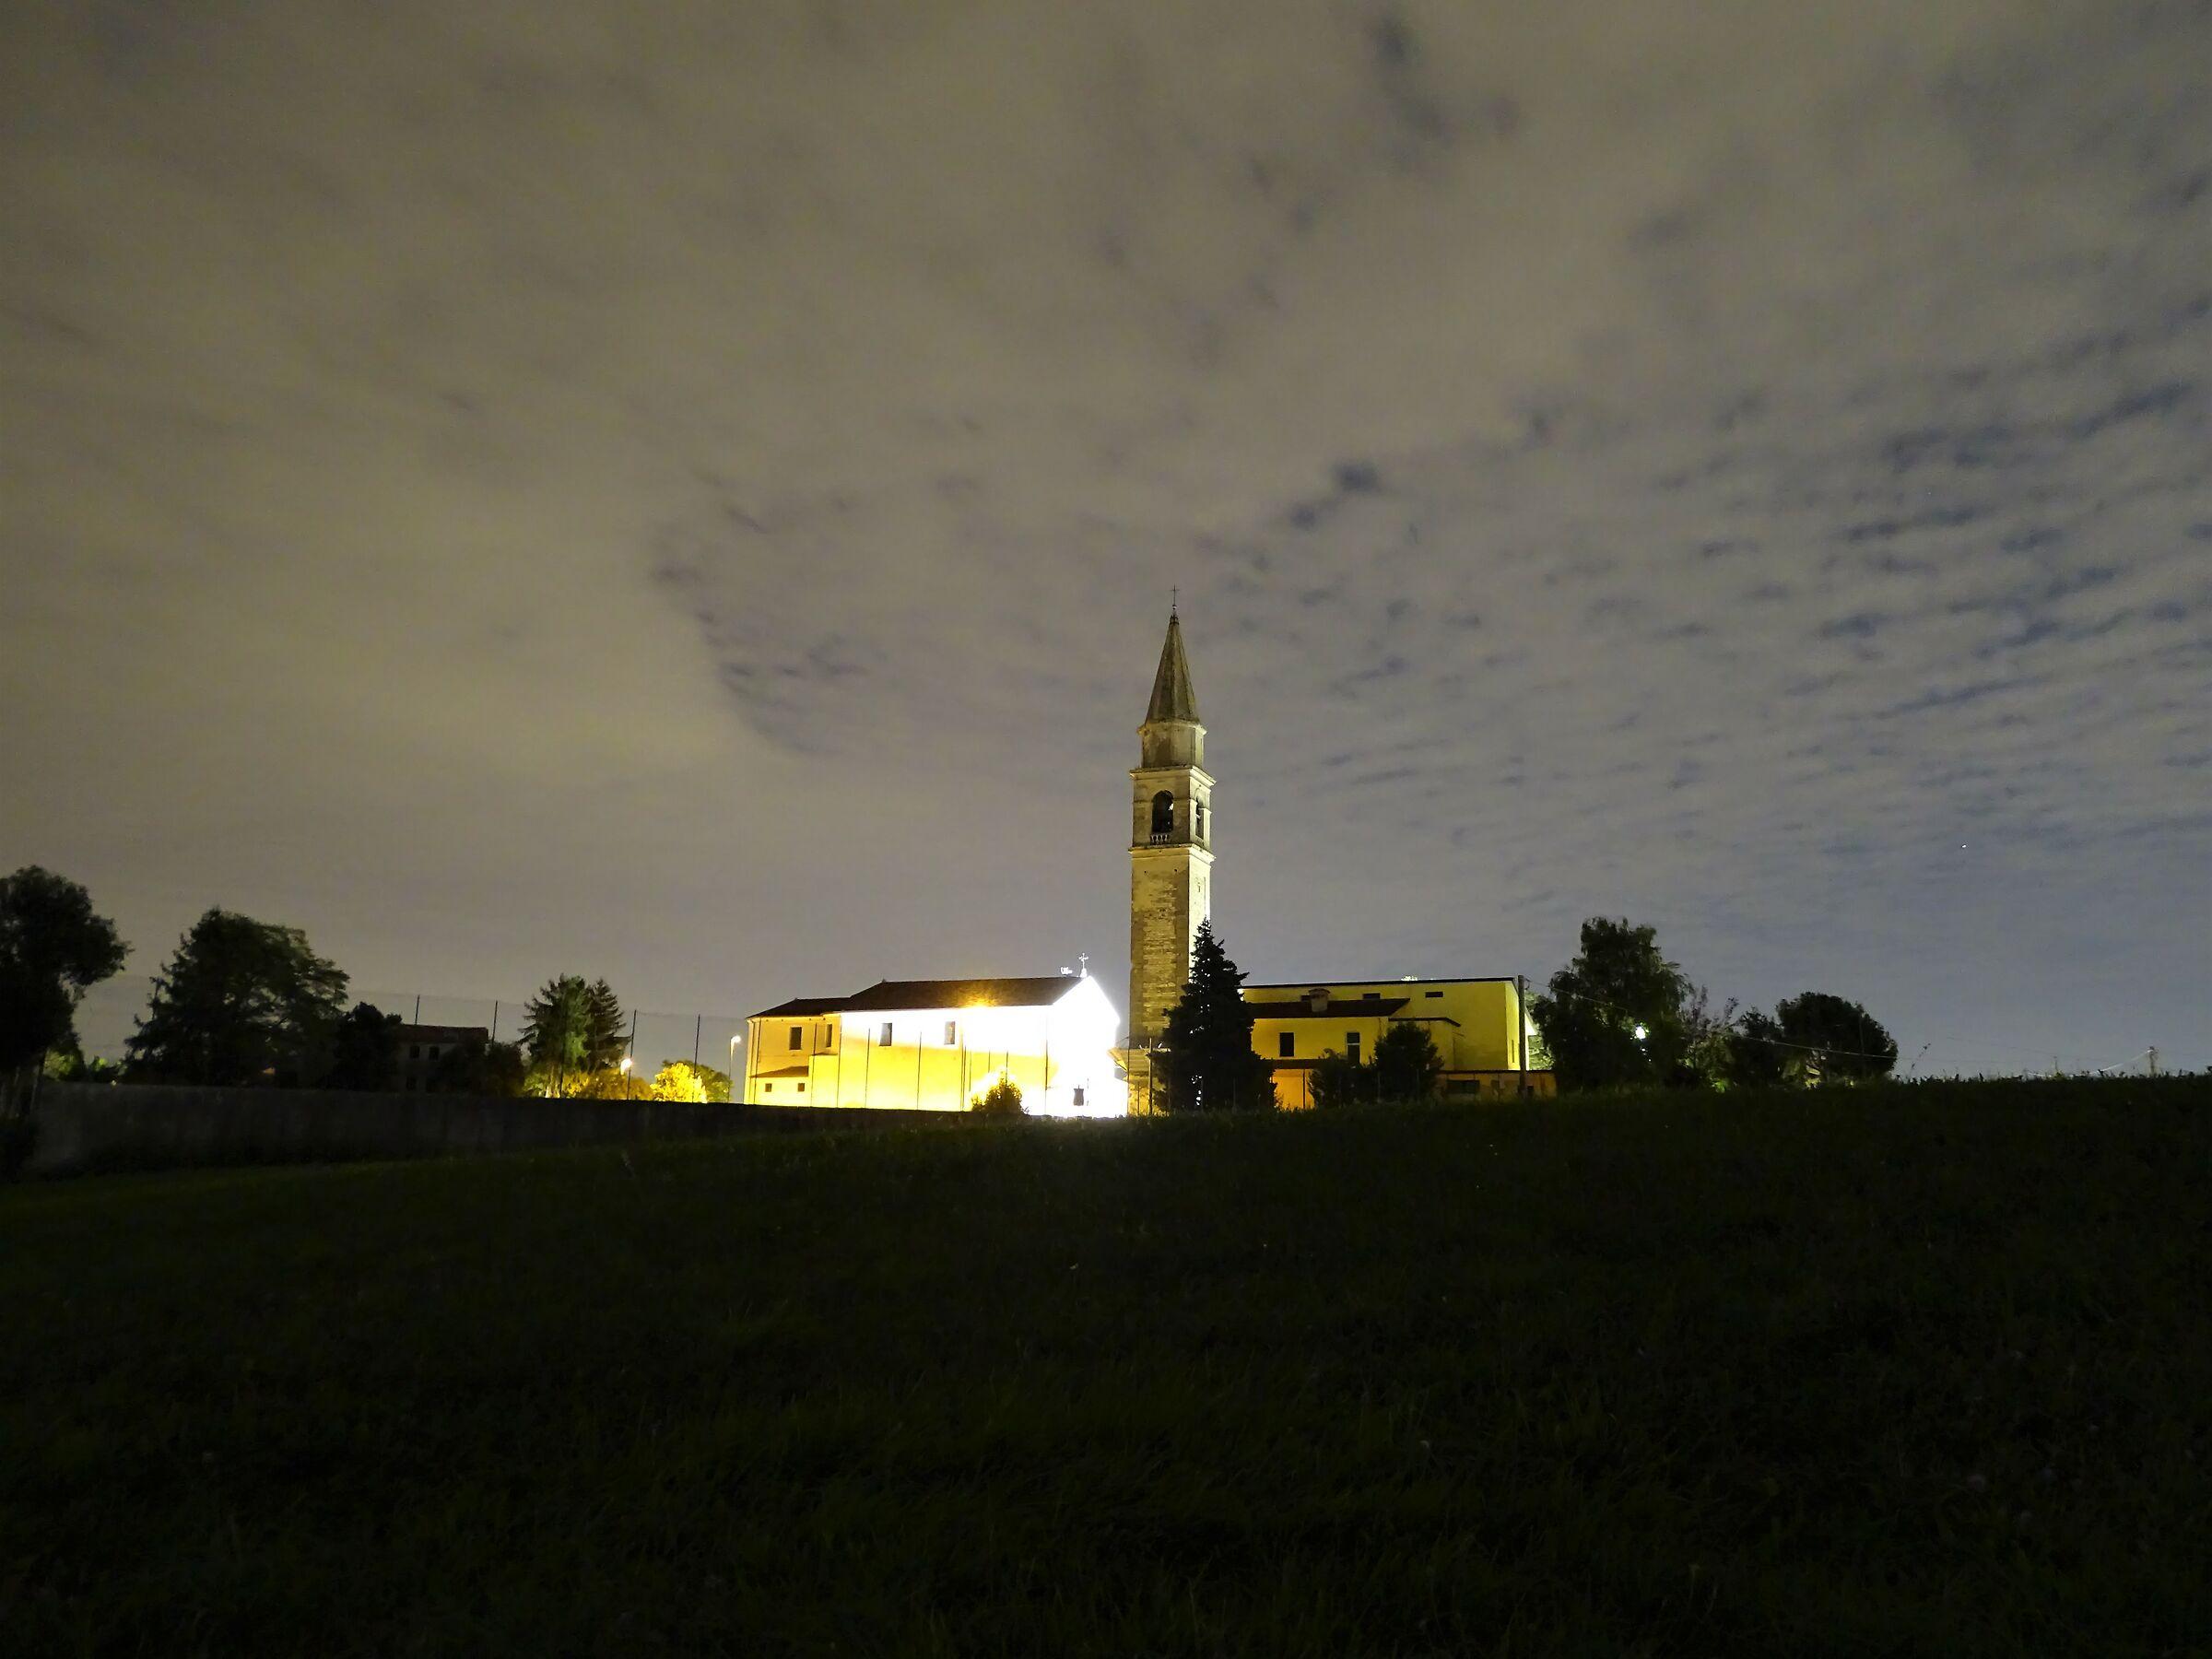 Chiesa di Colle Umberto (tv)...